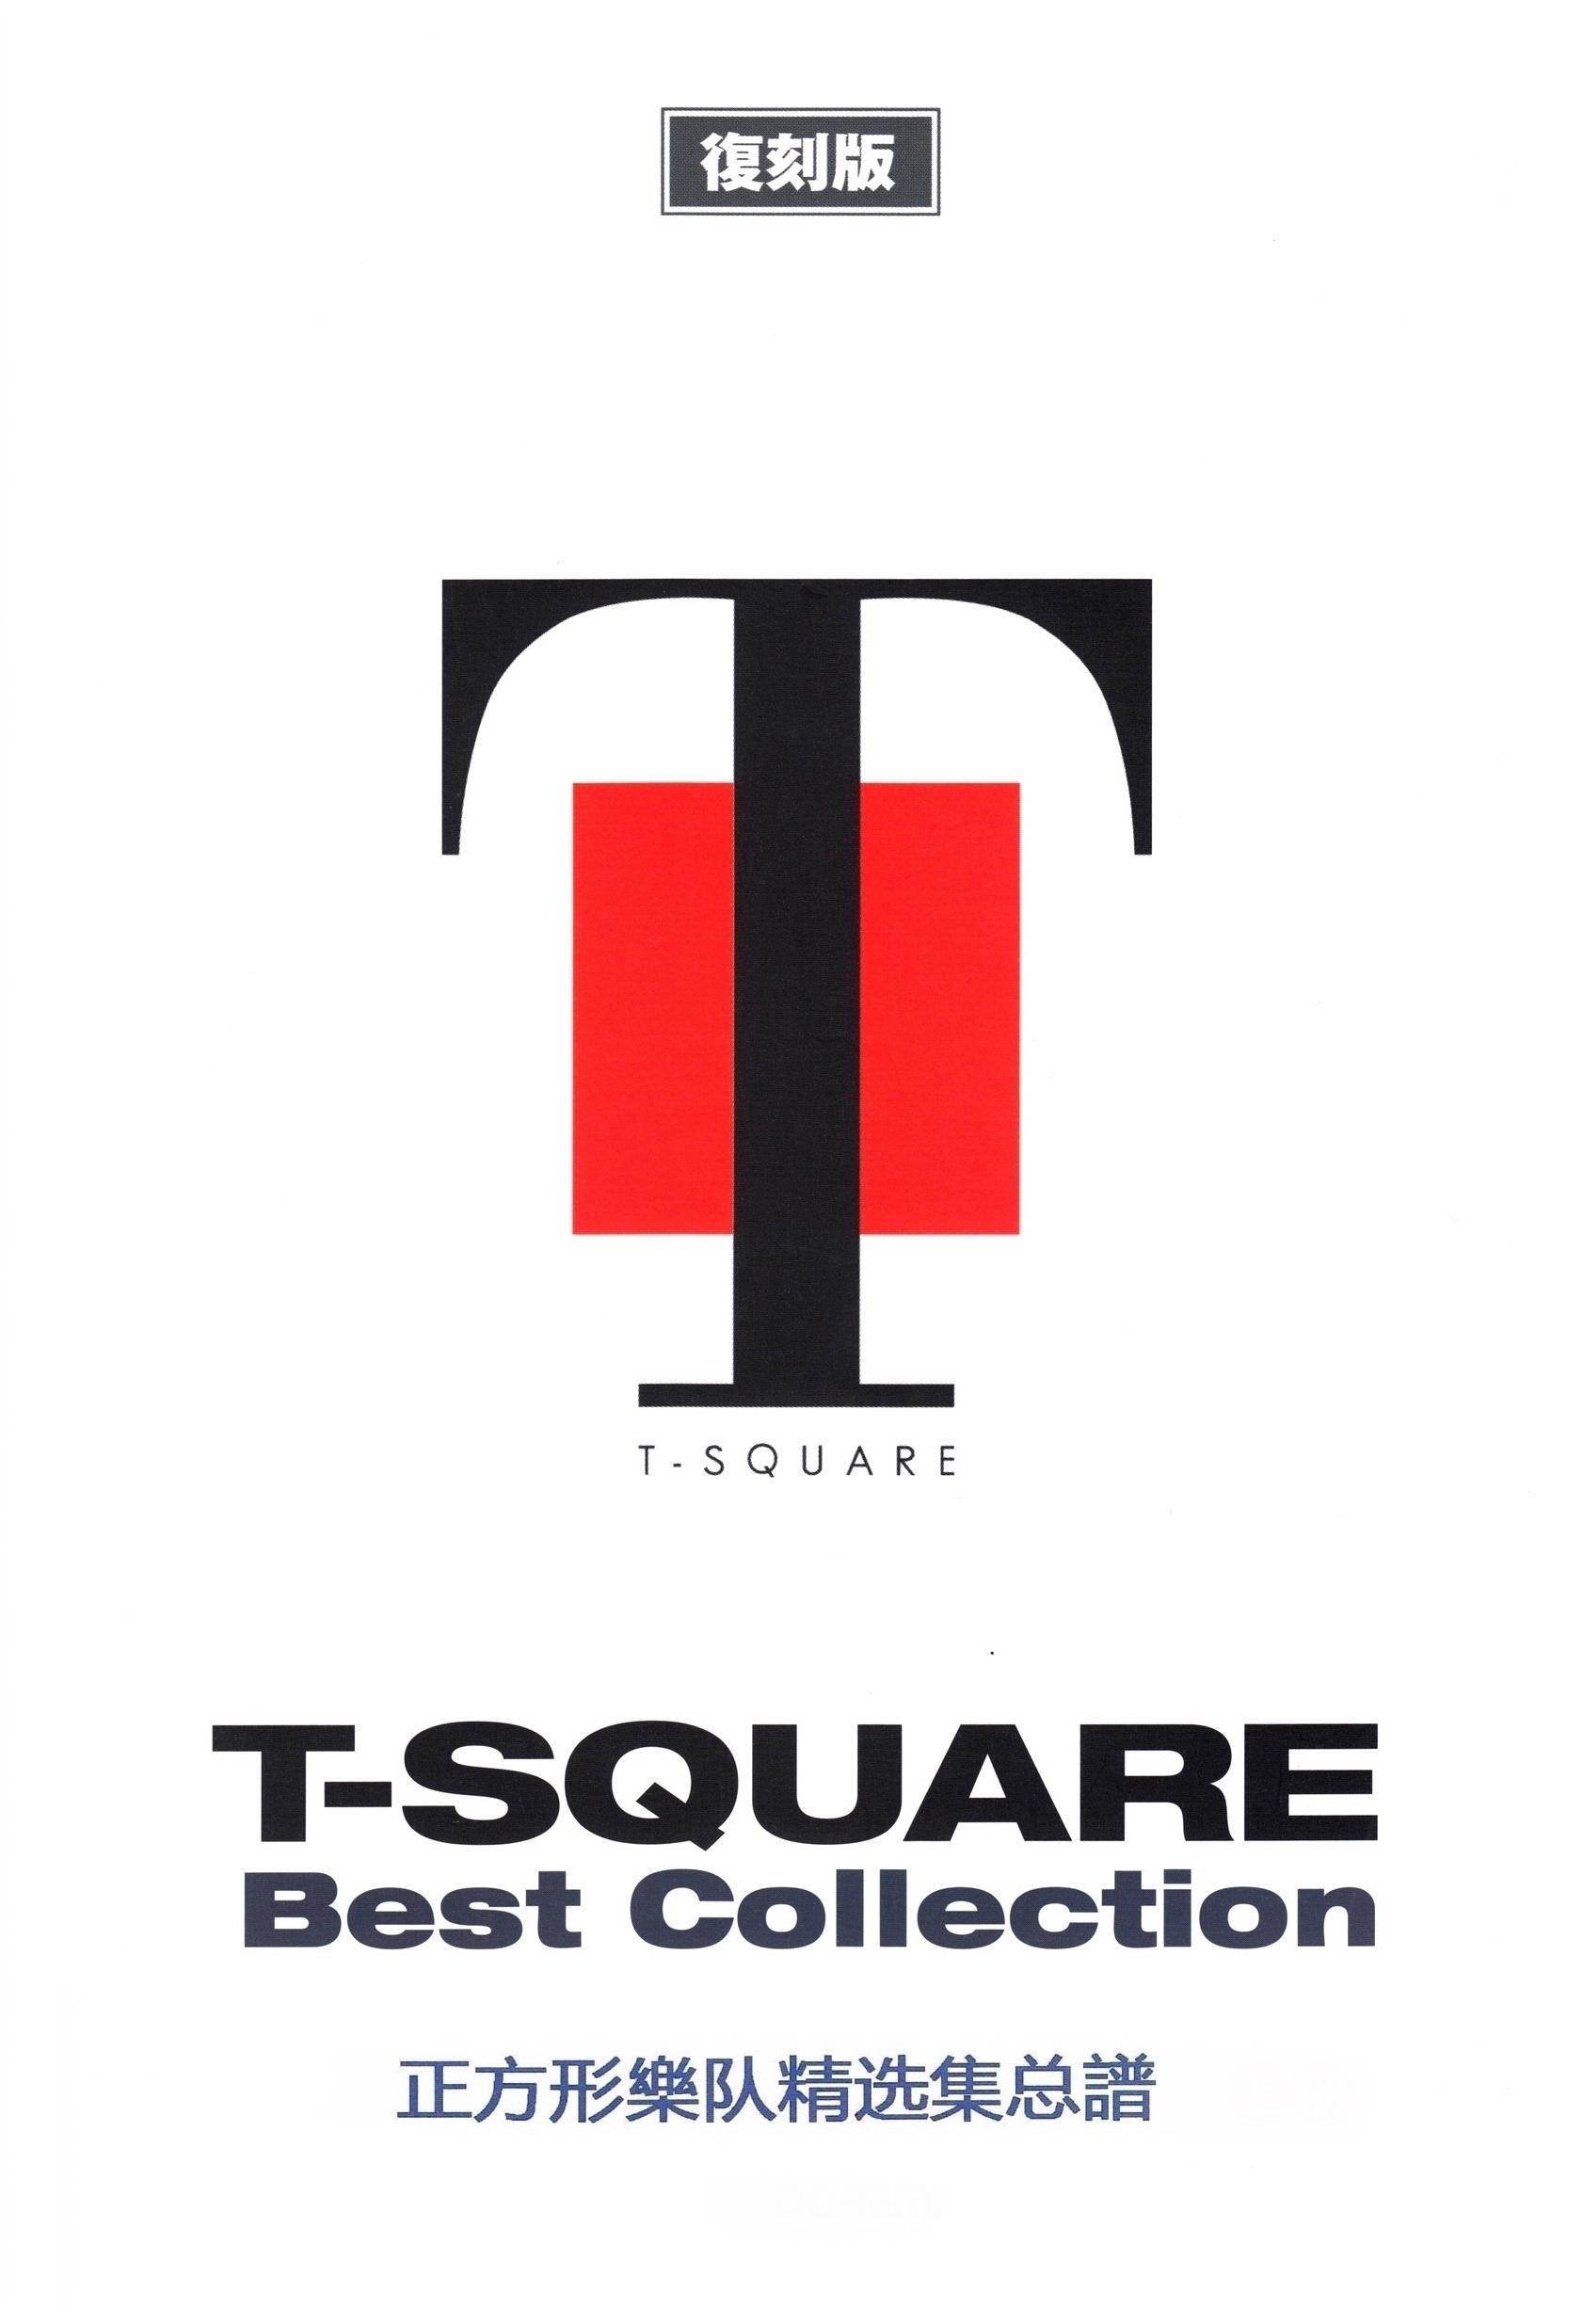 2014修正日本正方形乐队Tsquare乐队精选集总谱29首上下2册无CD